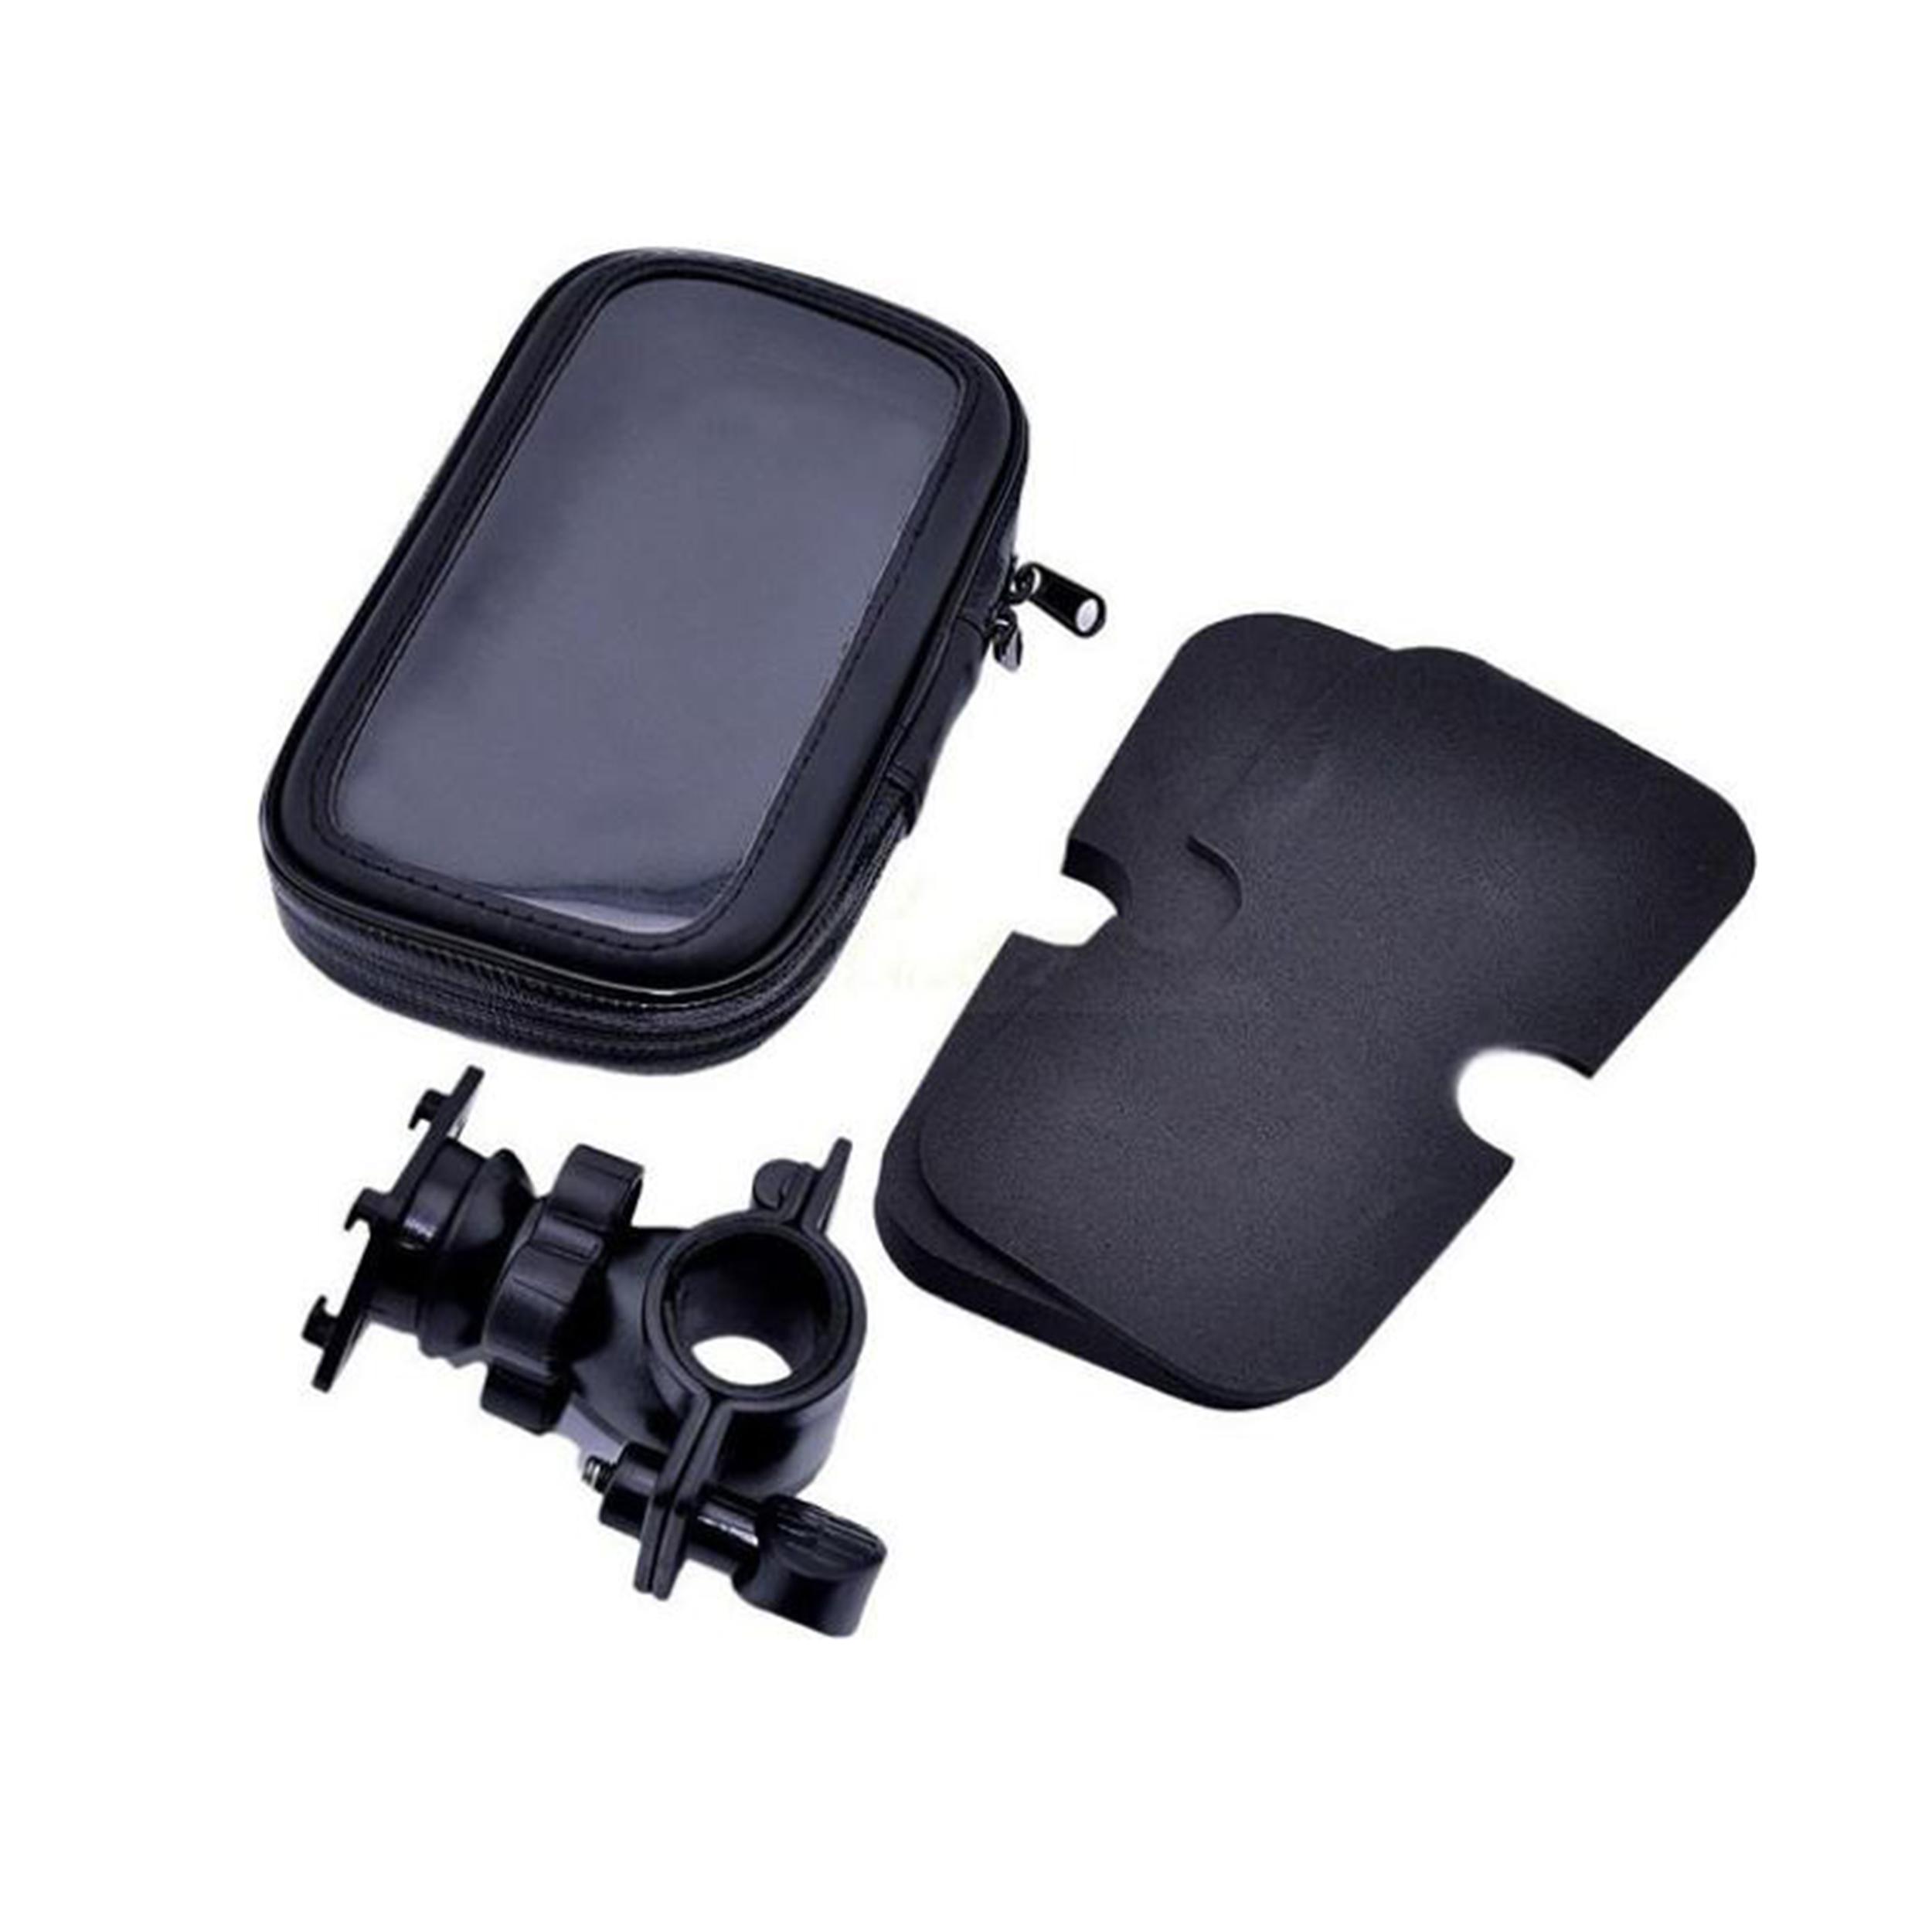 پایه نگهدارنده گوشی موبایل مدل انرژی مناسب برای موتورسیکلت